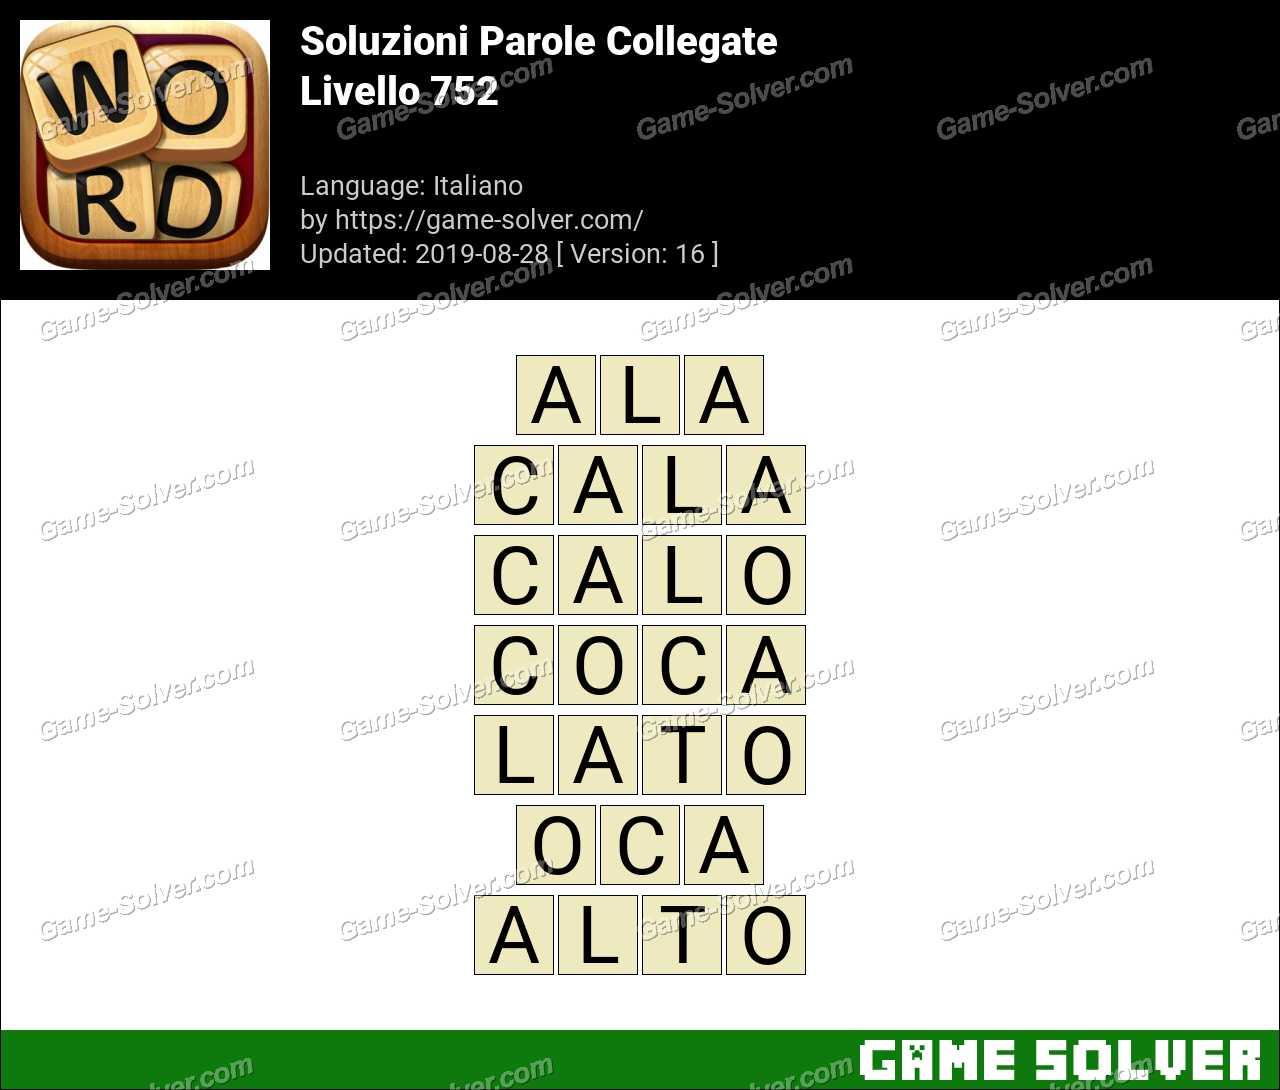 Soluzioni Parole Collegate Livello 752